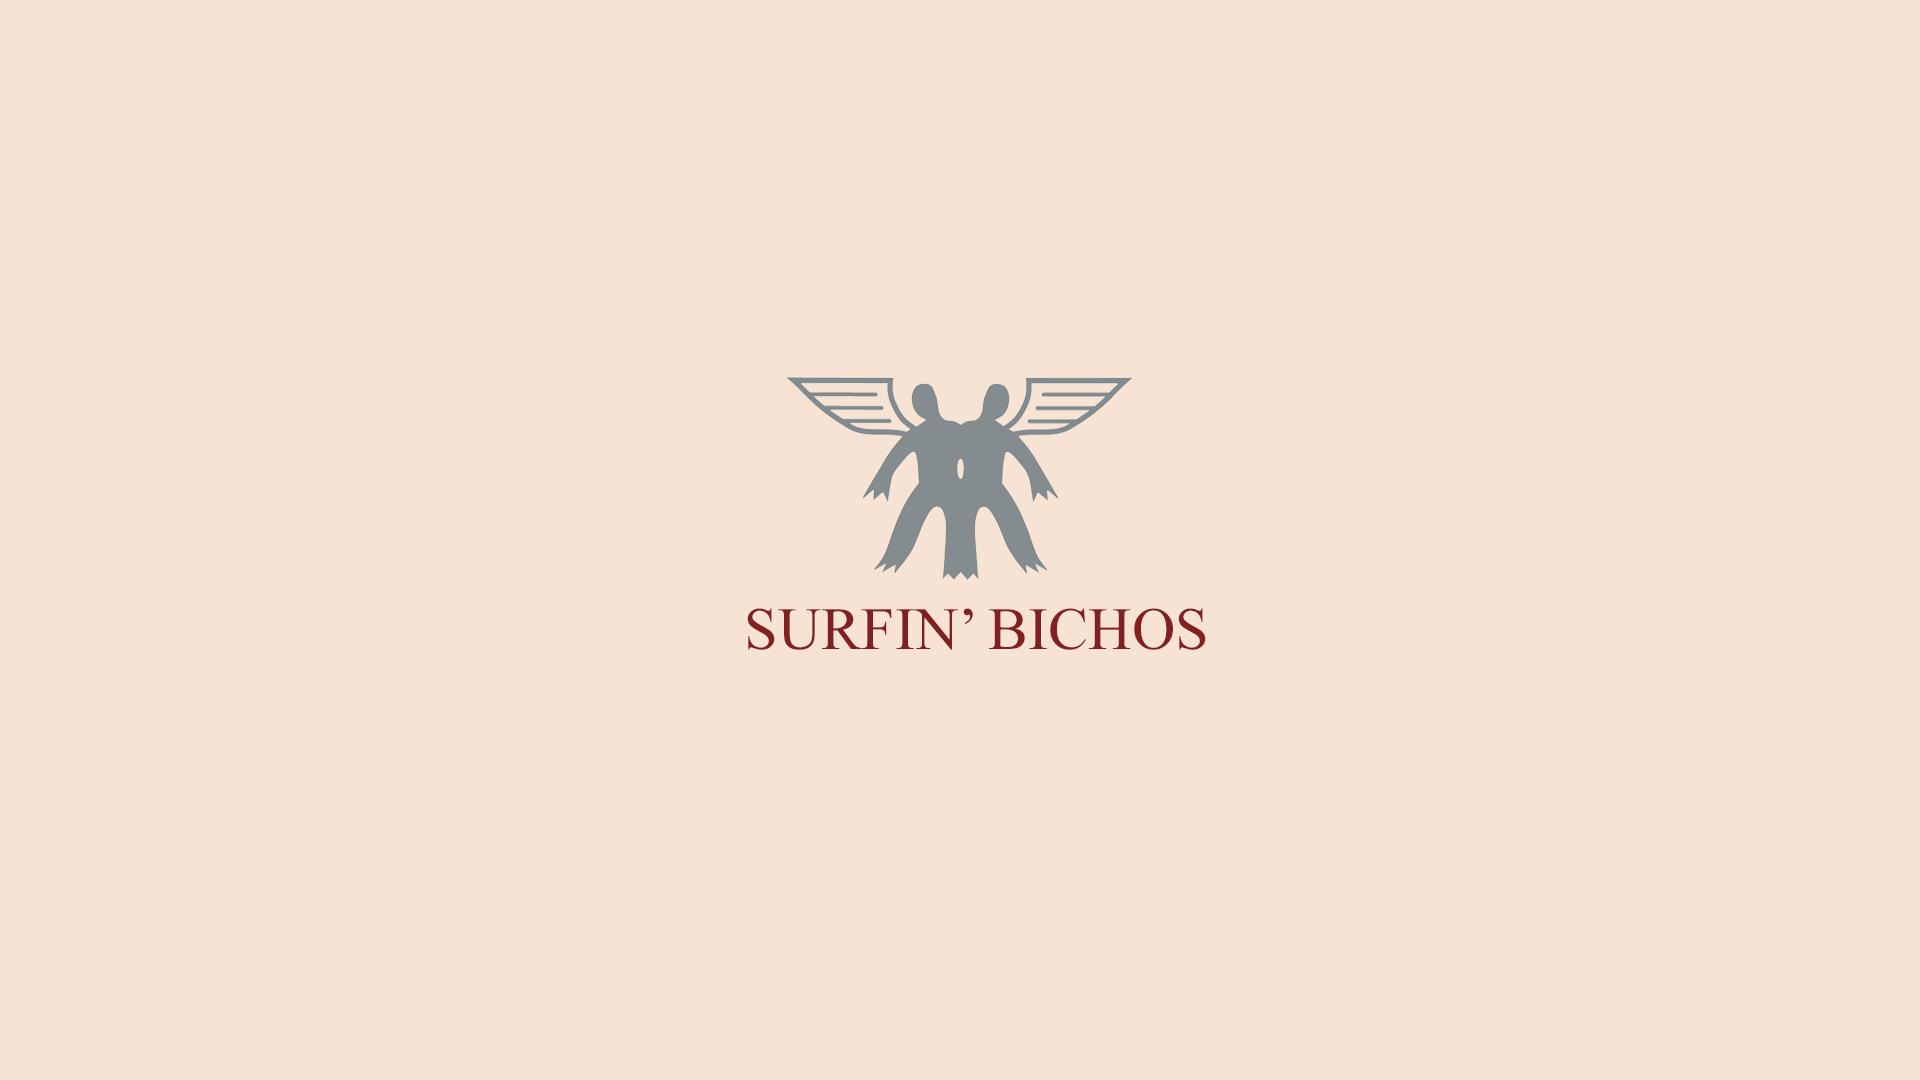 Surfin' Bichos, web hecha por murciègalo en 2017